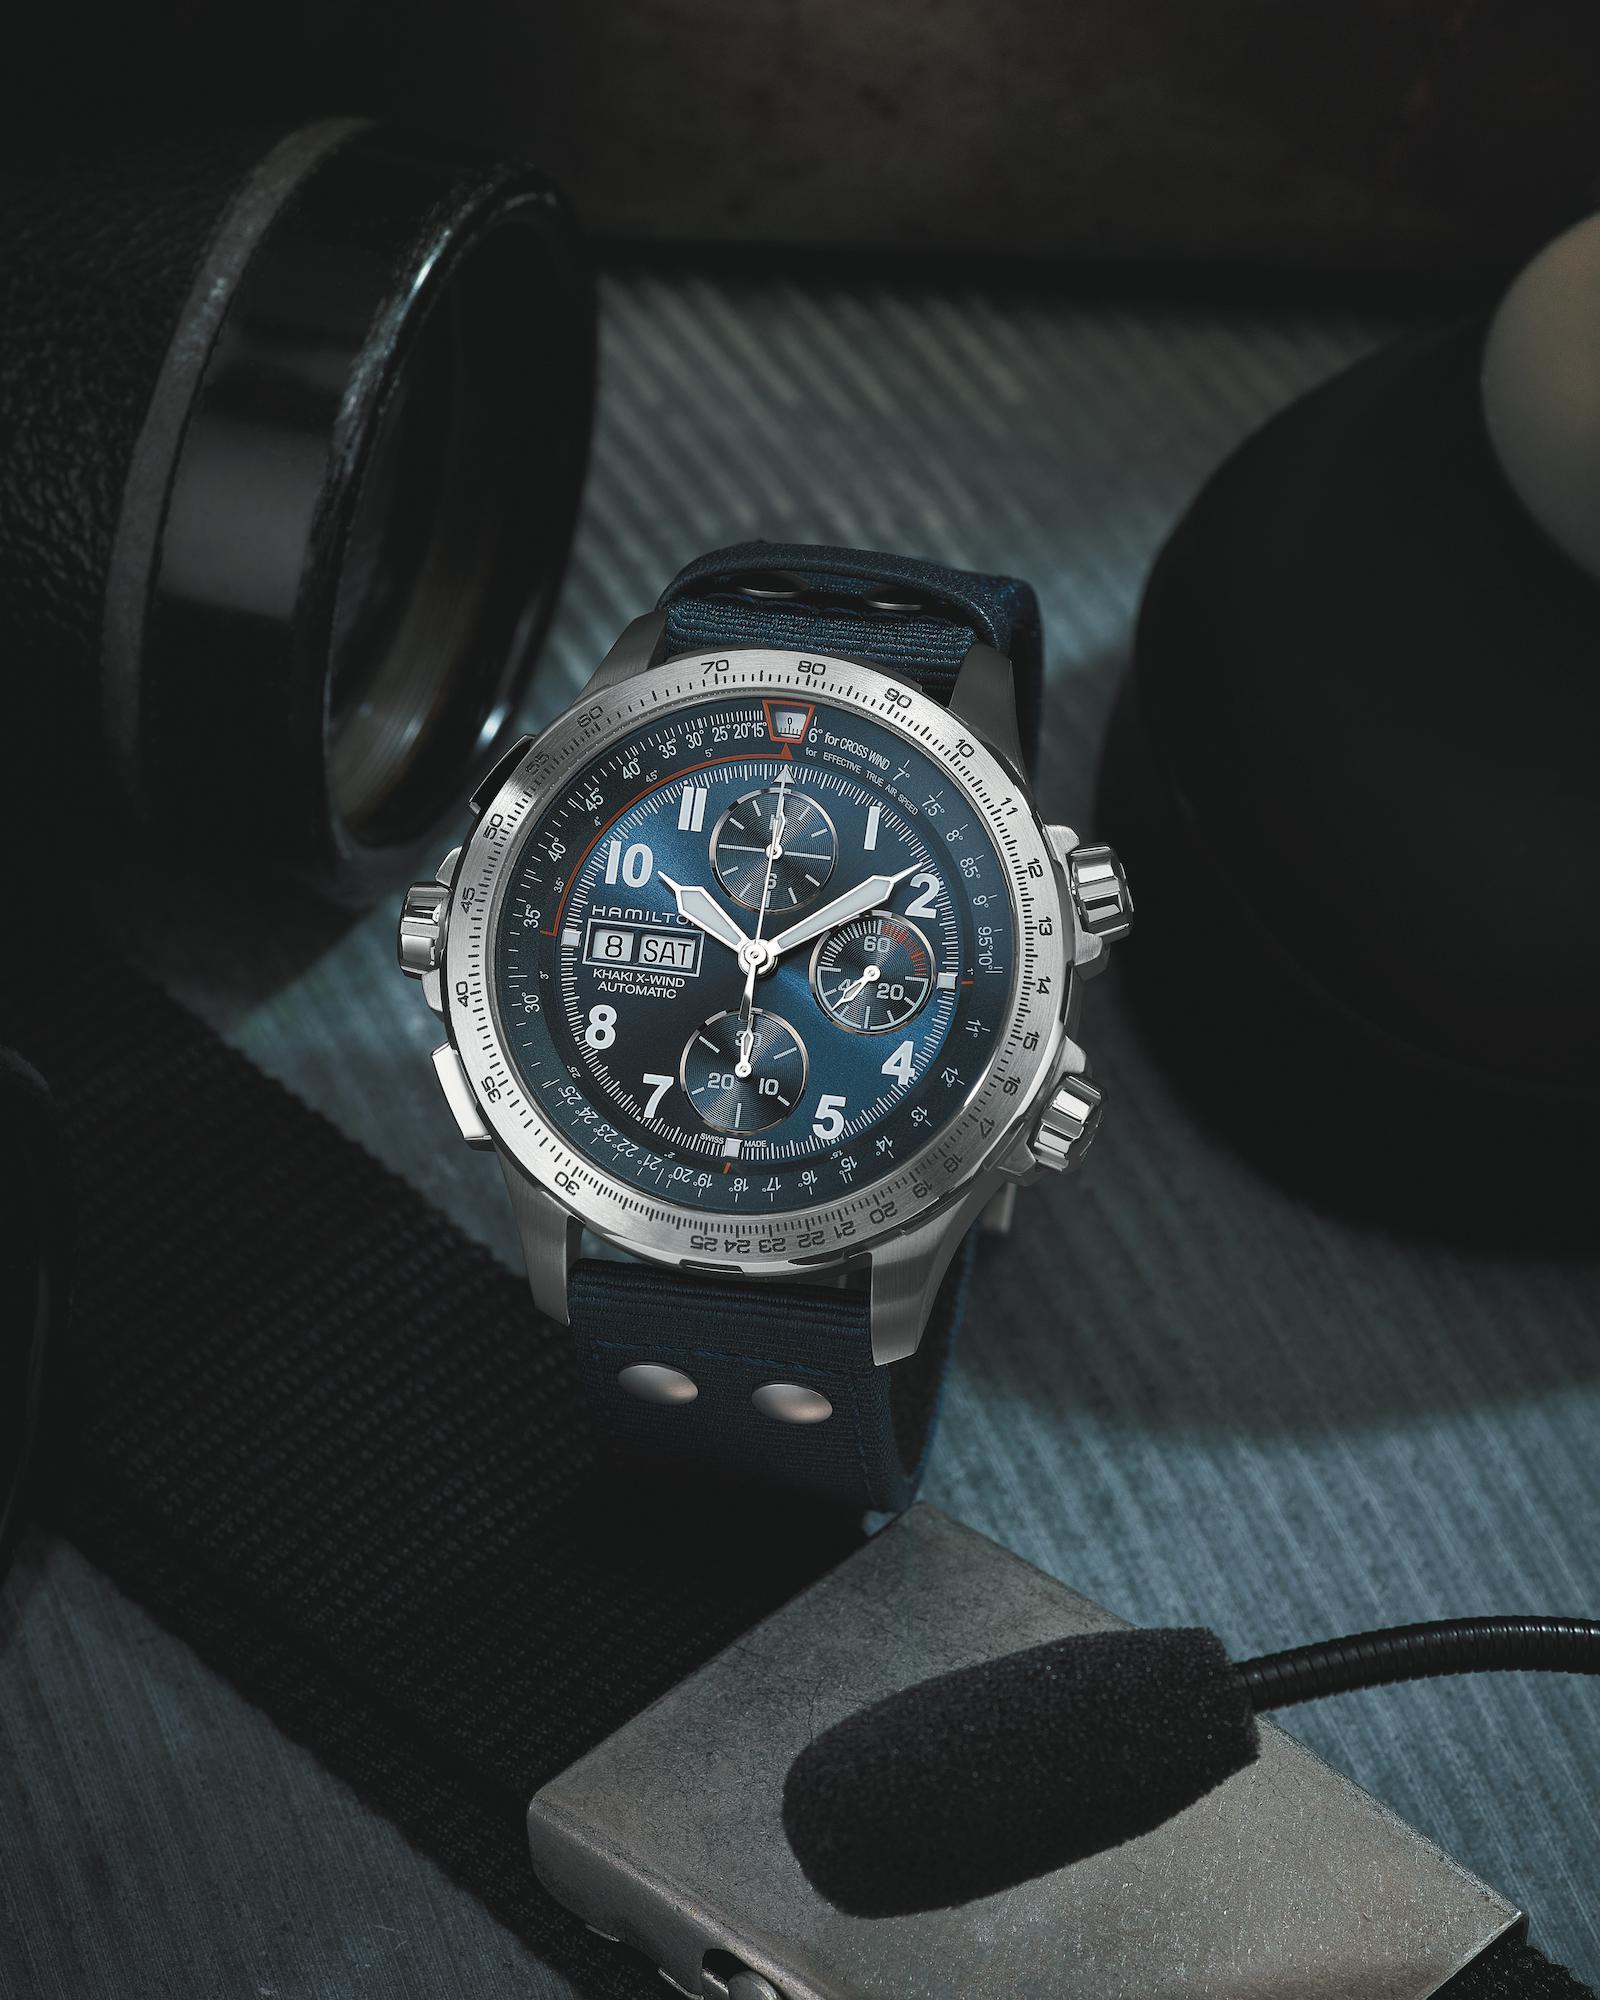 Hamilton Khaki X-Wind Auto Chrono_H77906940 Lifestyle 2